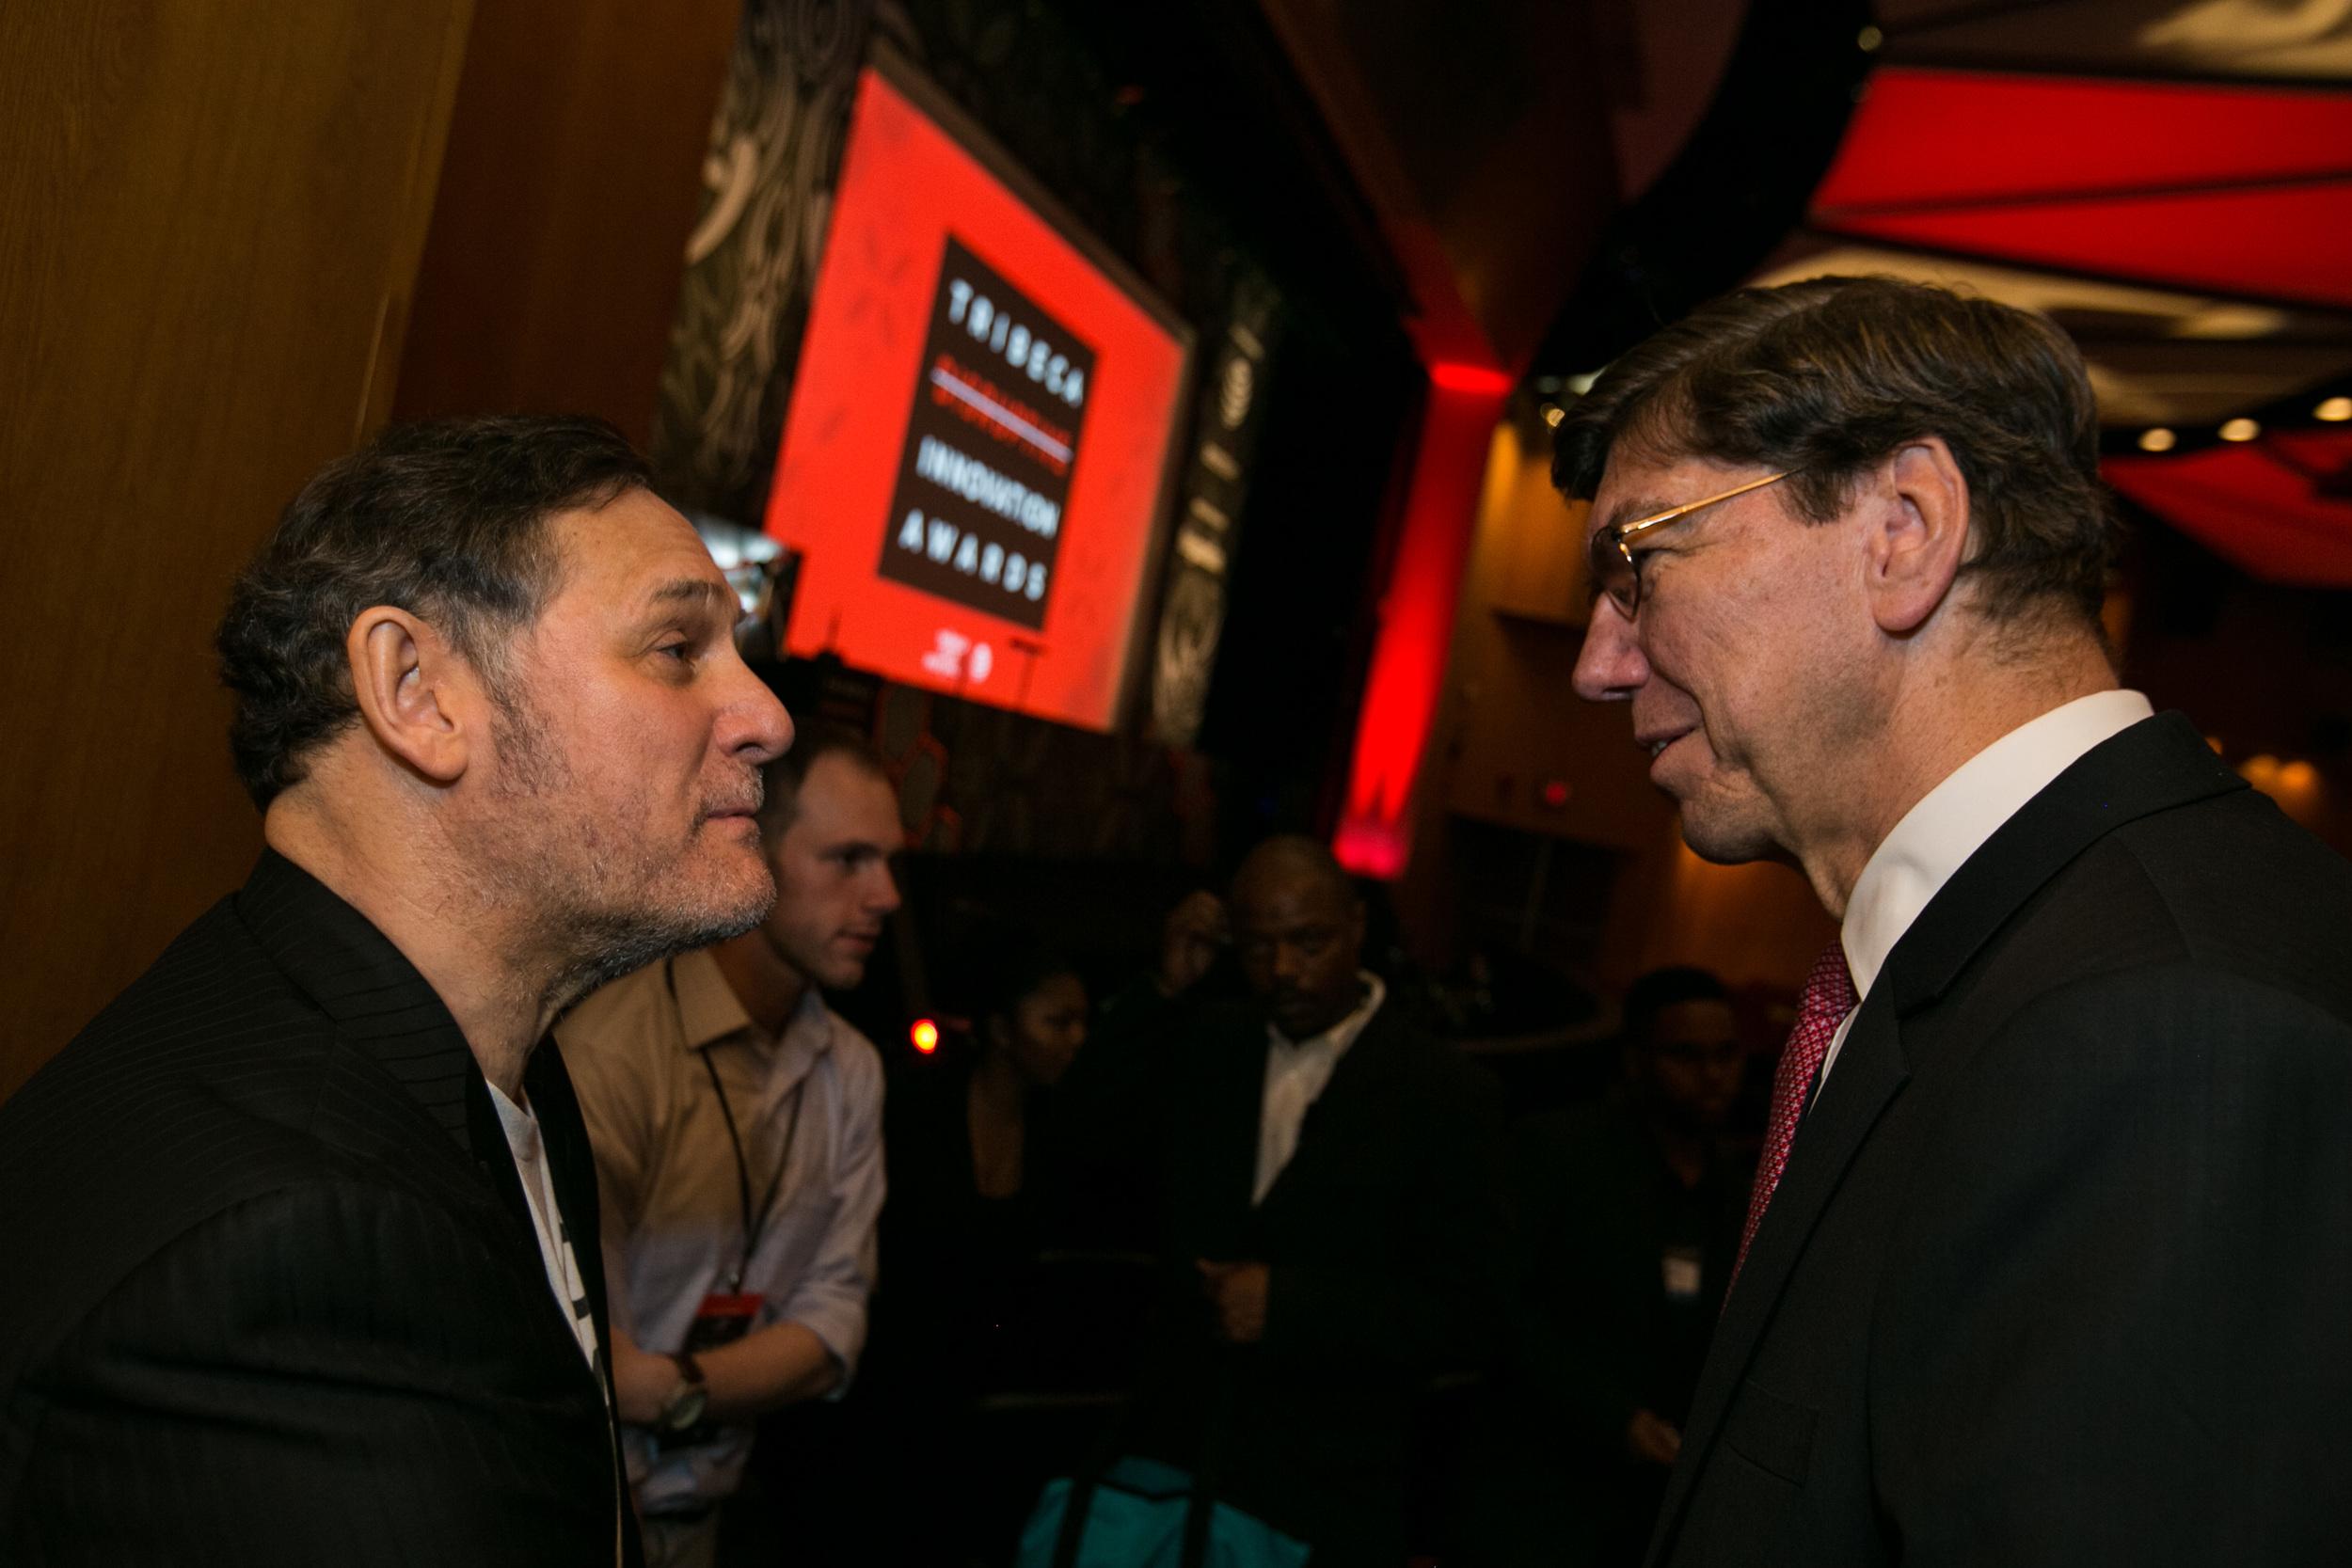 20160422-Tribeca Disruptive Innovation Awards-1425.jpg